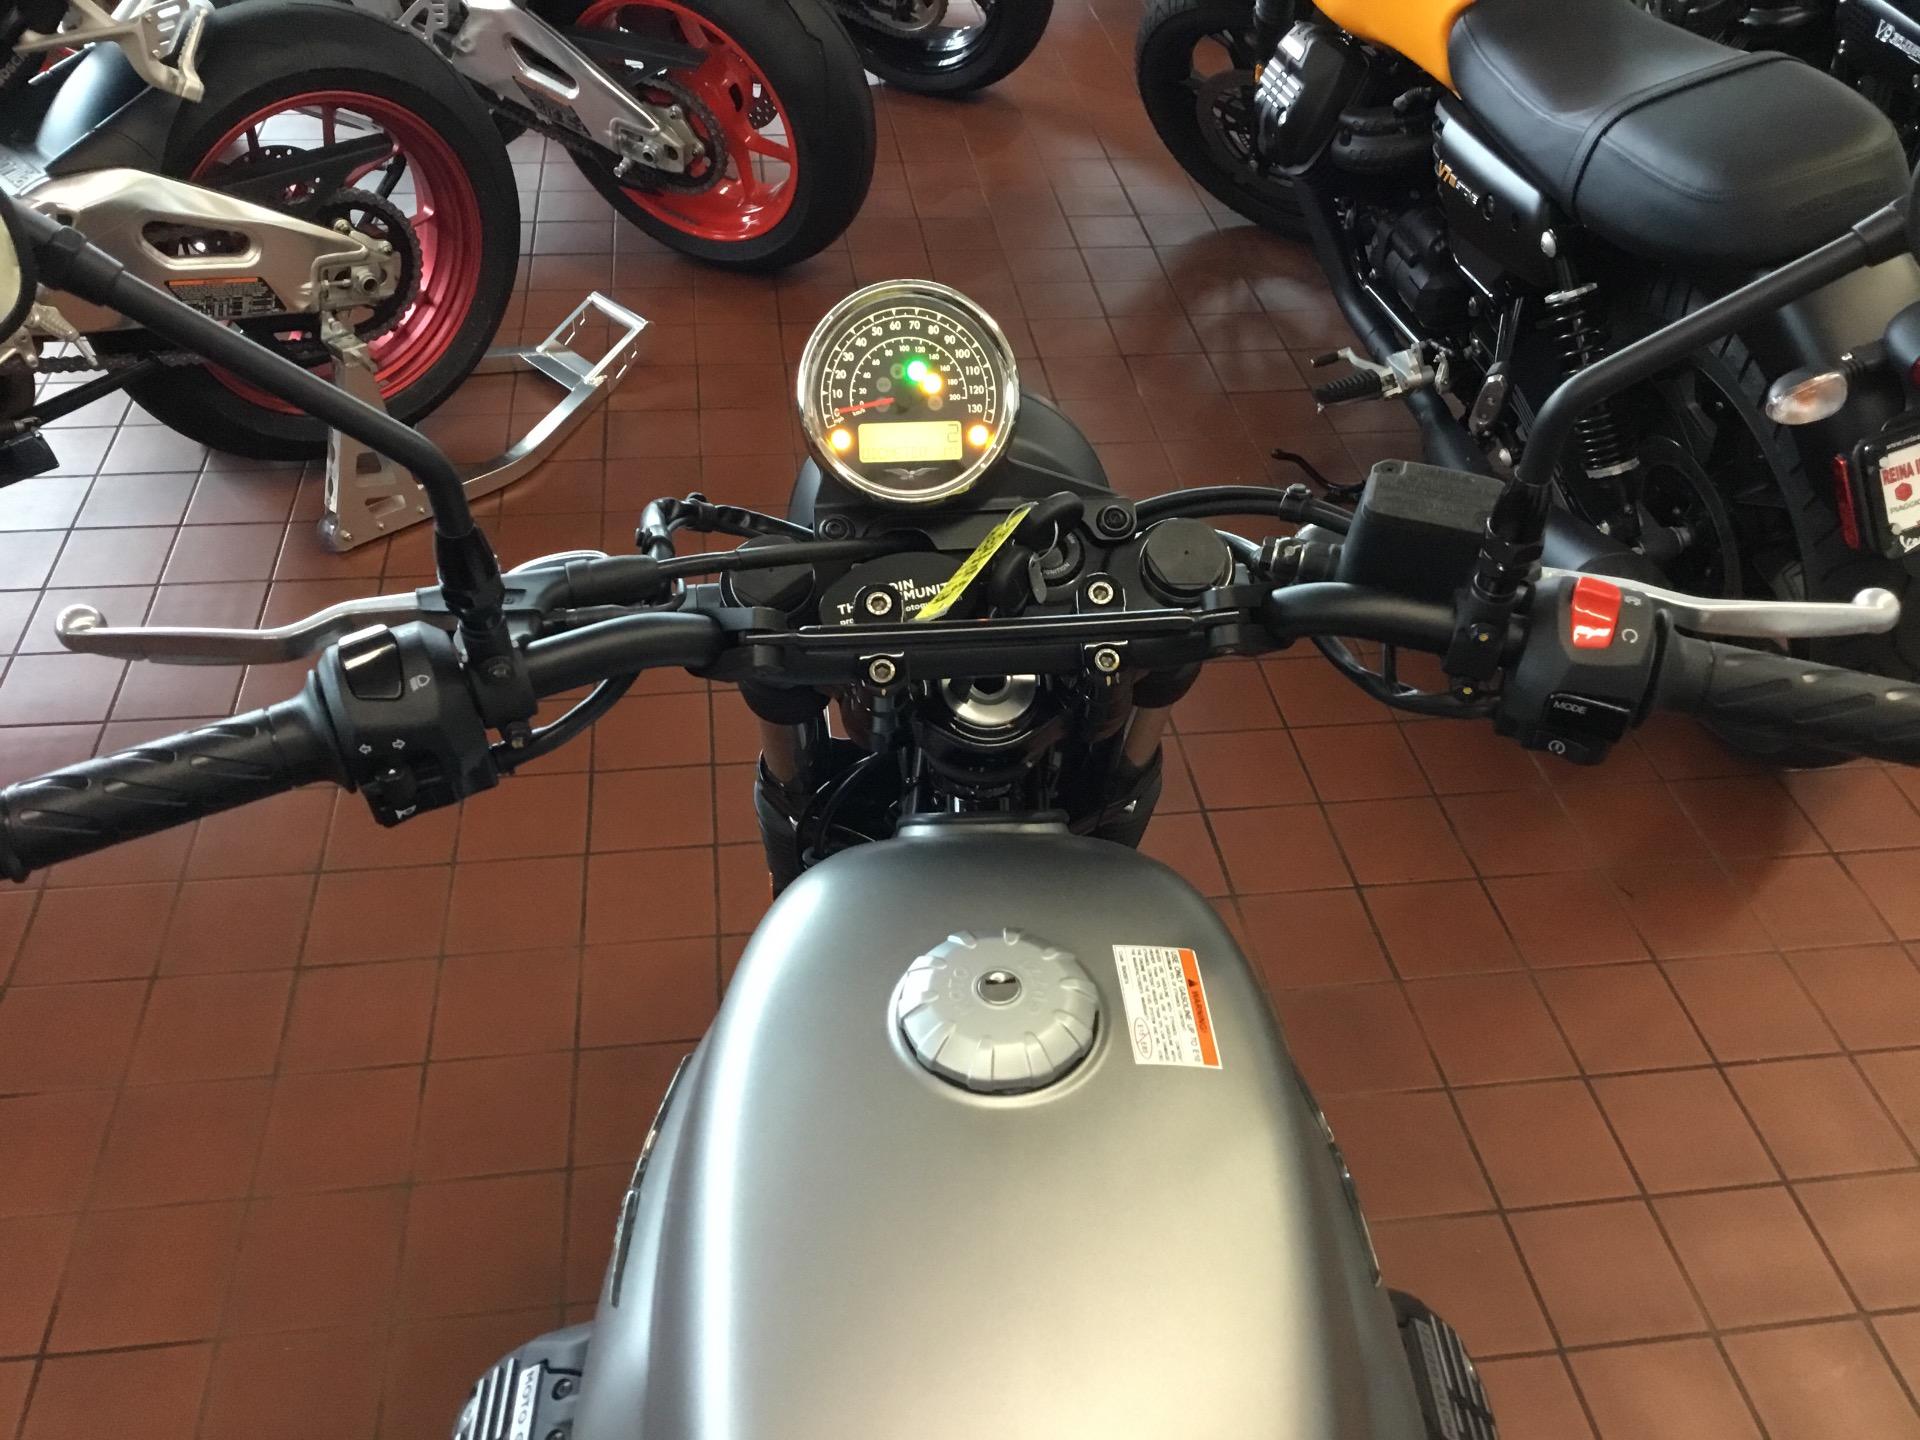 New-2018-Moto-Guzzi-V7-III-Rough